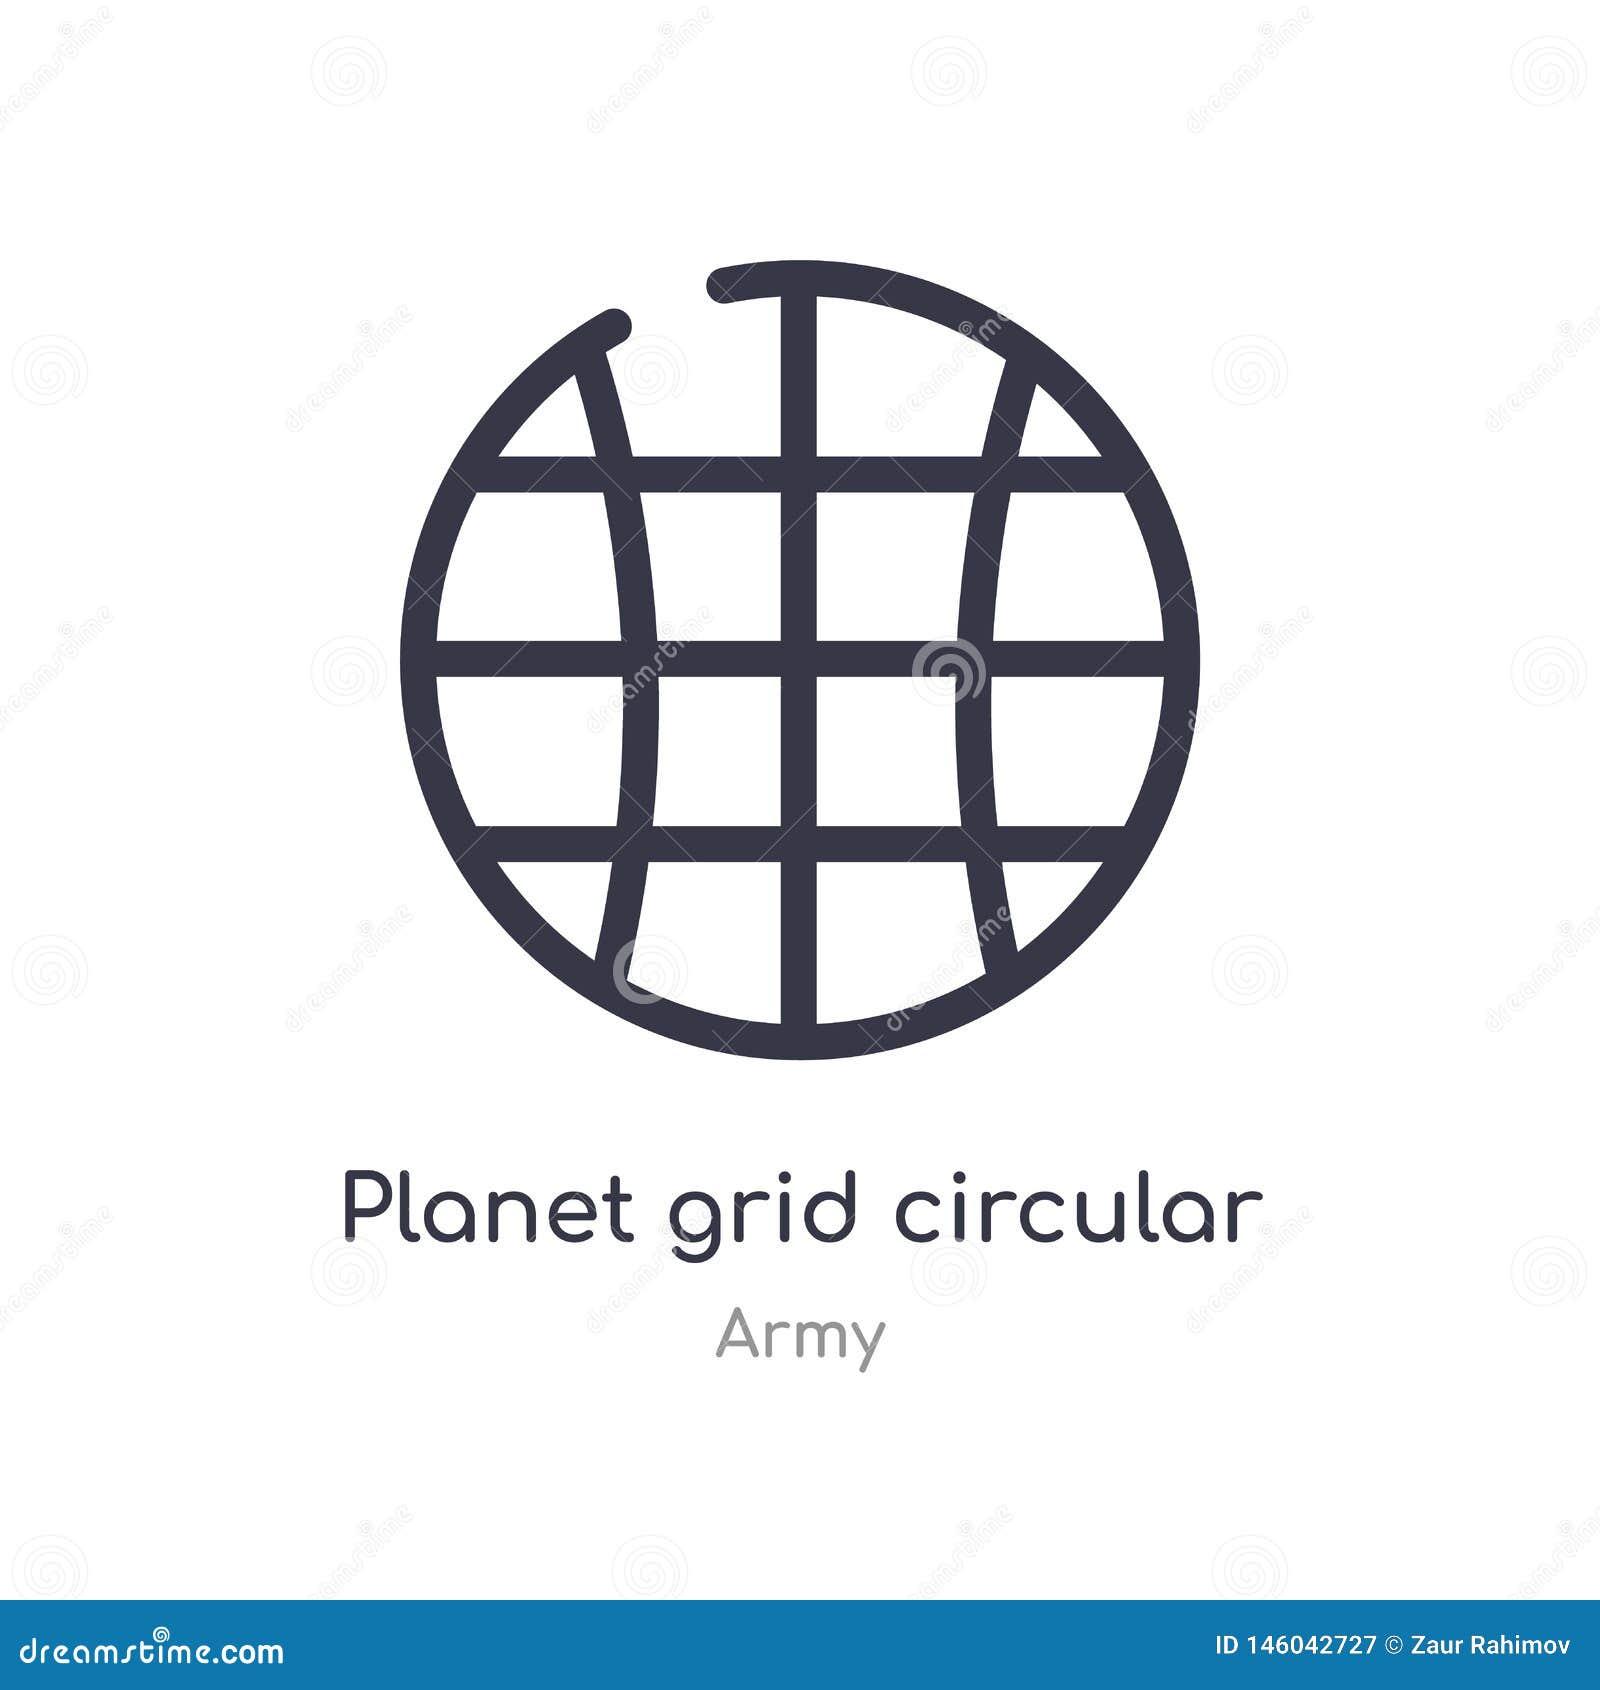 Planety siatki konturu k??kowa ikona odosobniona kreskowa wektorowa ilustracja od wojsko kolekcji editable cienka uderzenie plane